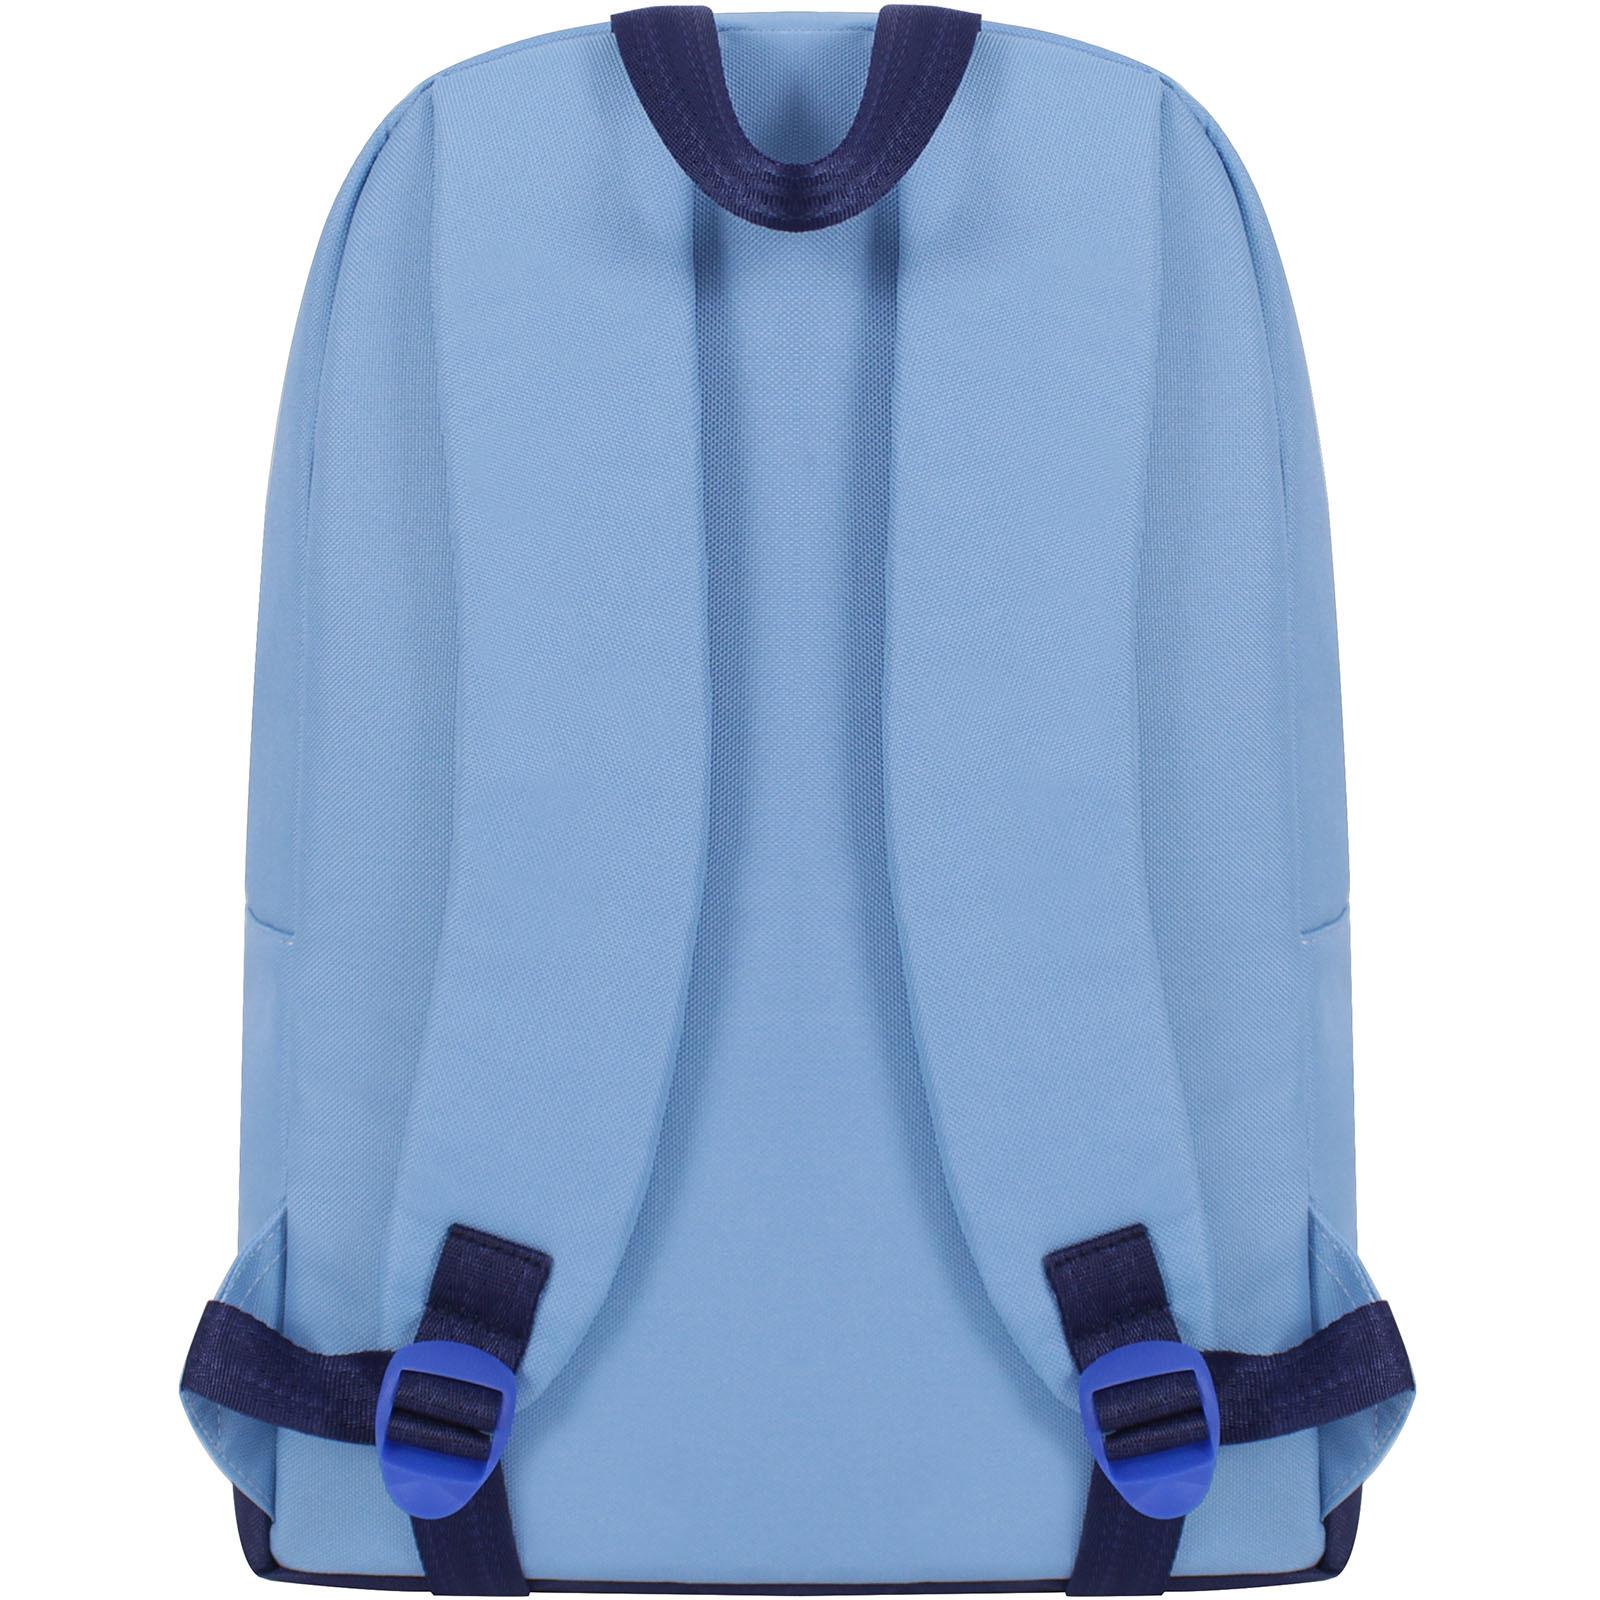 Рюкзак Bagland Amber 15 л. голубой (0010466) фото 3